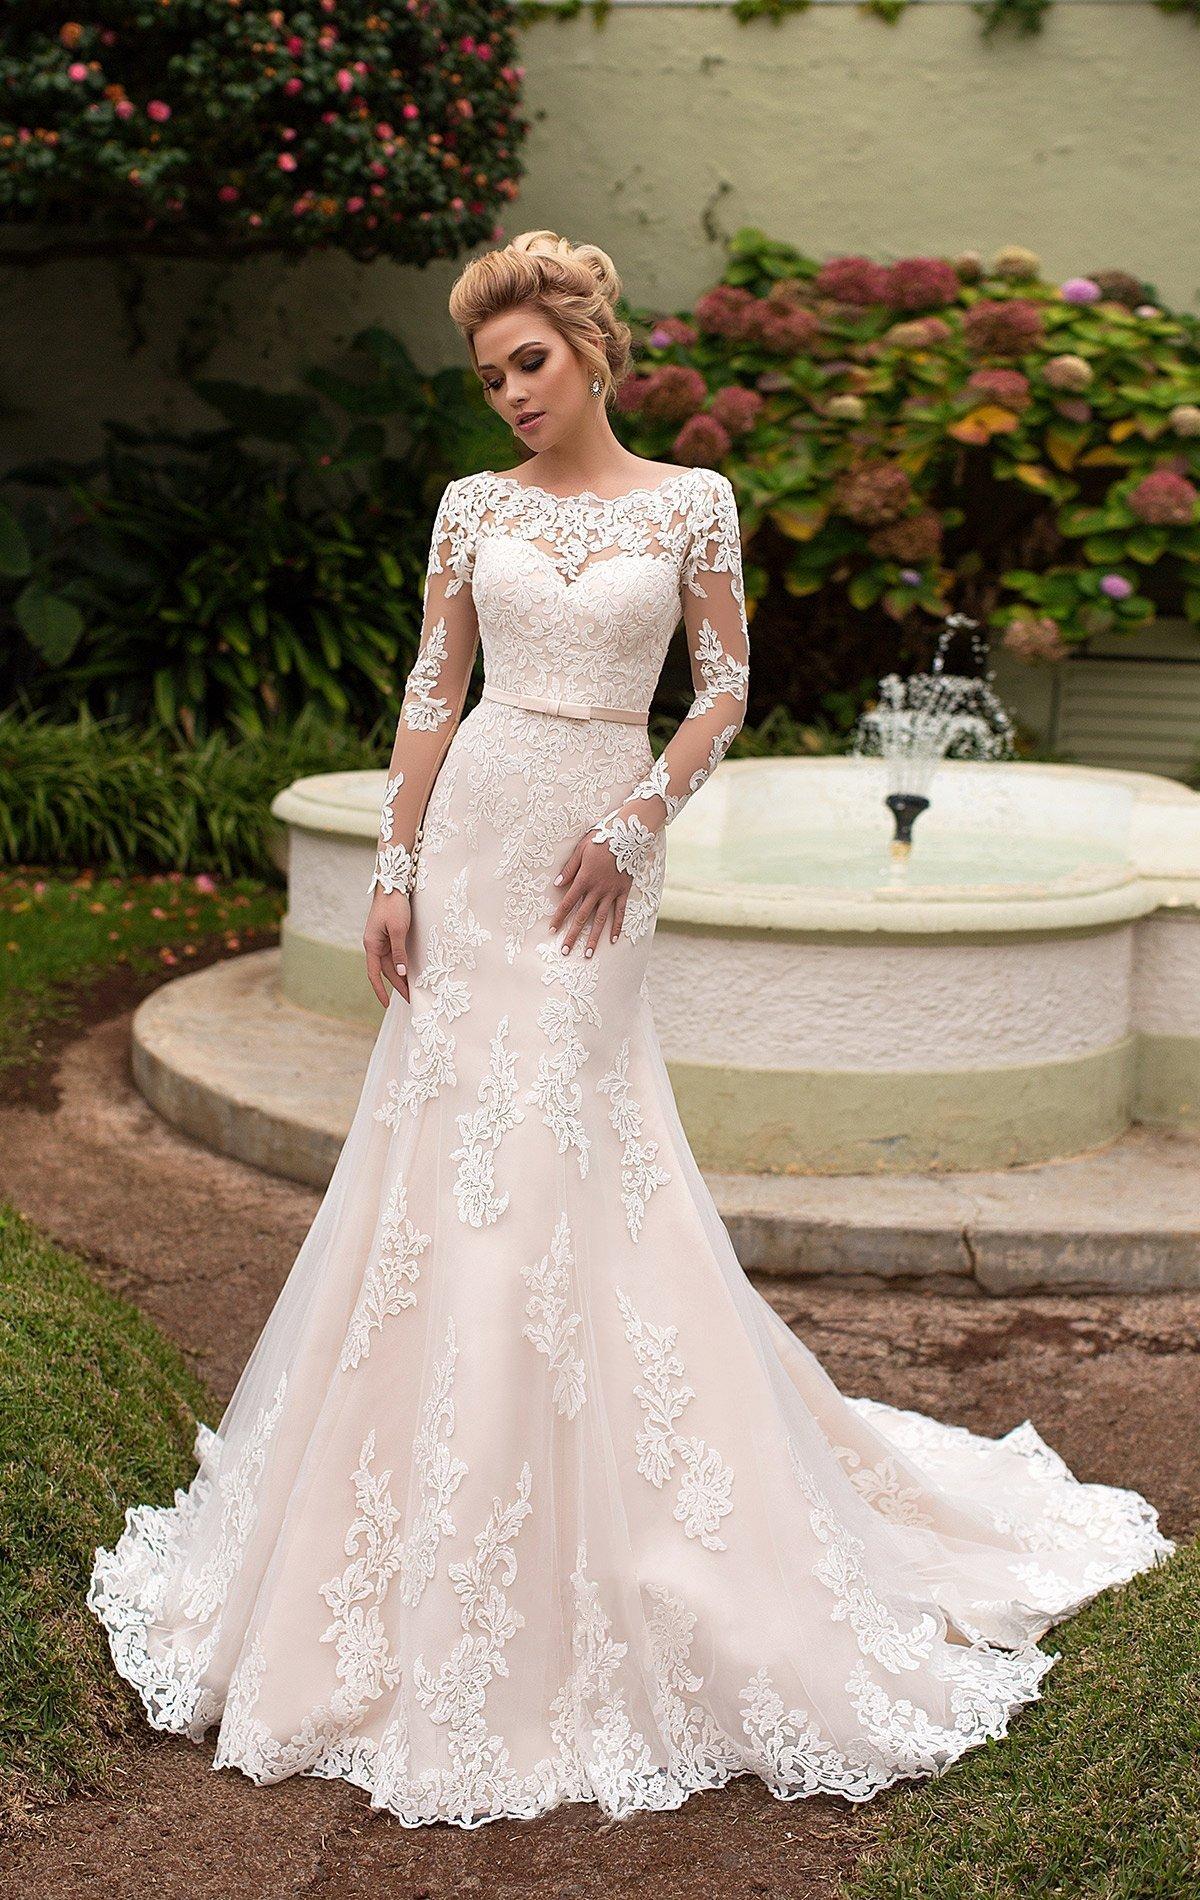 Кремовое свадебное платье «русалка» с длинным фактурным рукавом и вырезом под горло.